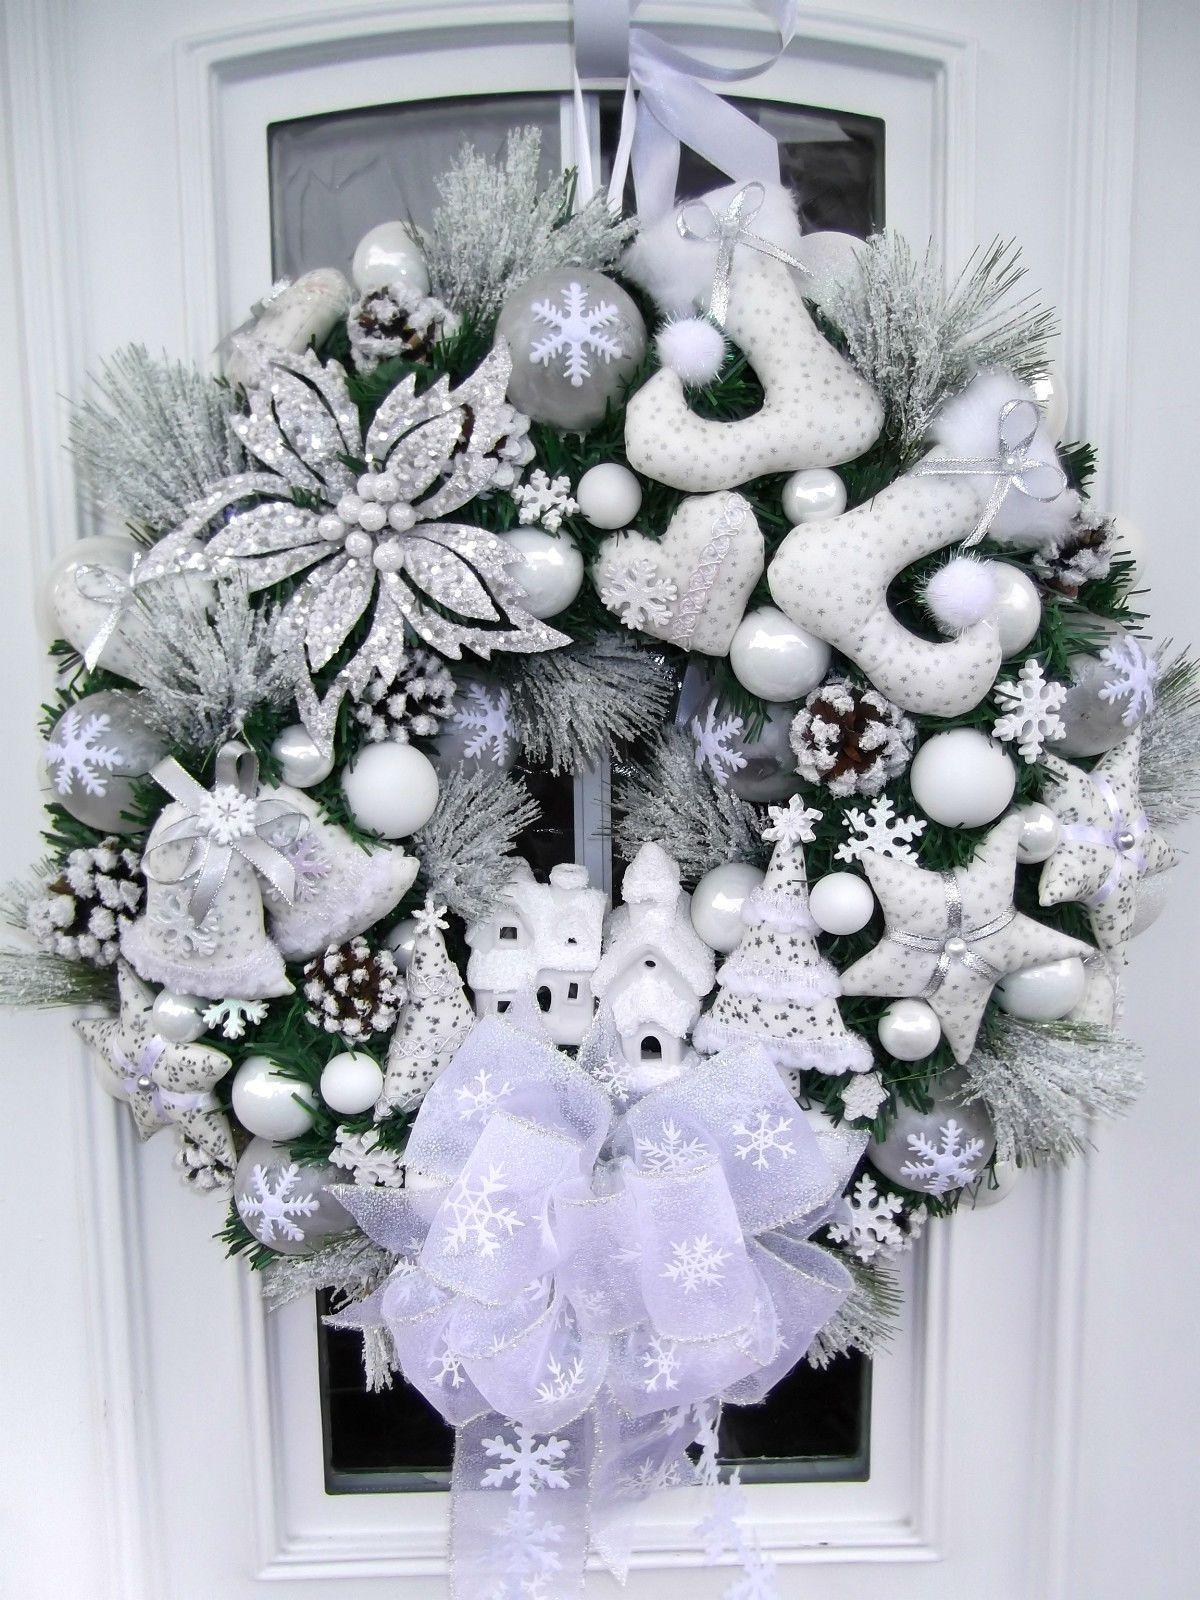 Türkranz Weihnachten Weihnachtskranz Weiß Beleuchtet Tilda Art